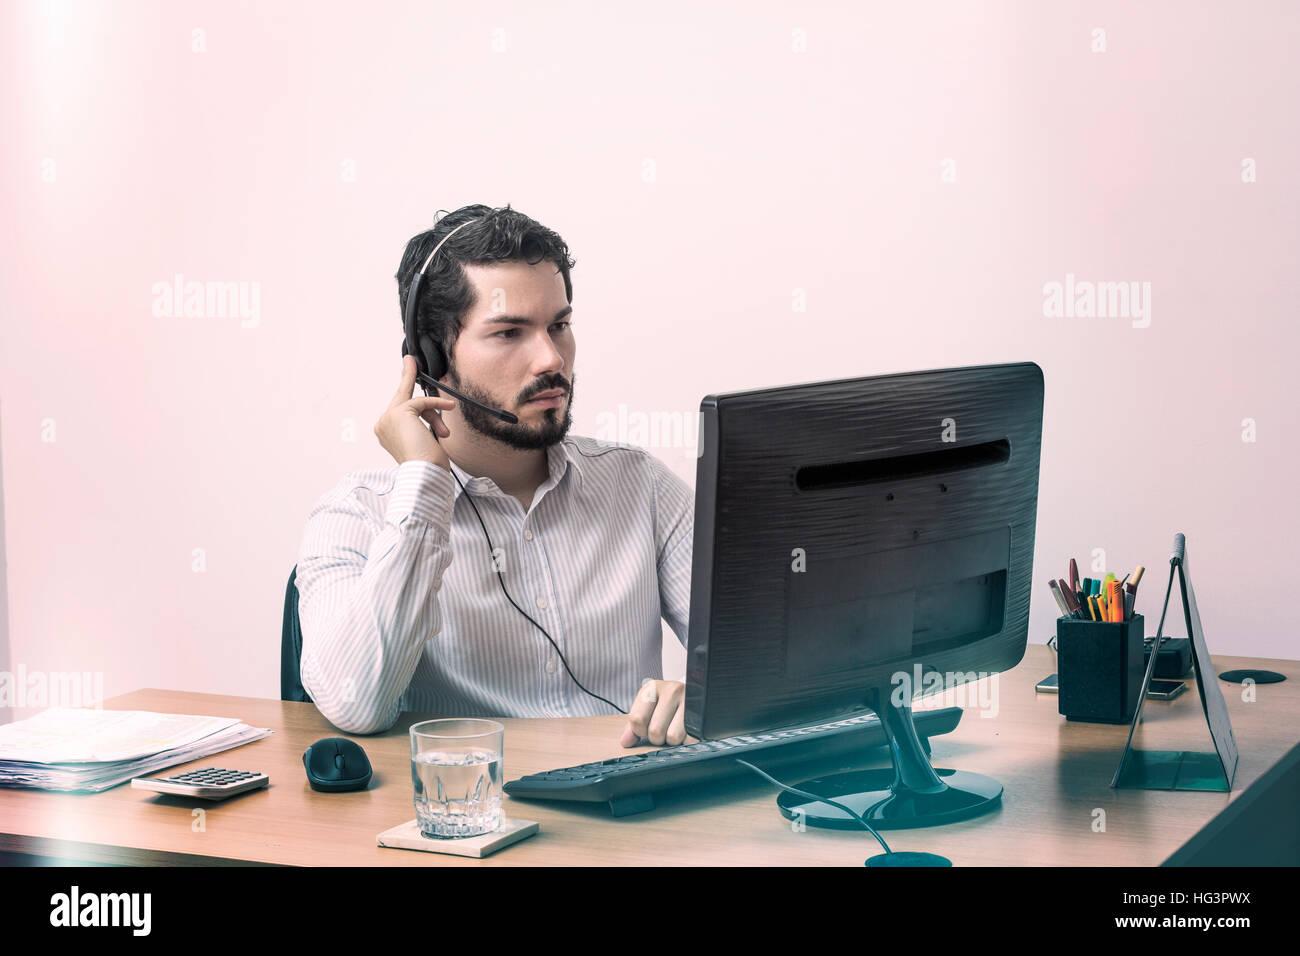 Giovane uomo durante la chiamata telefonica guardando il monitor e prestando attenzione. Immagini Stock